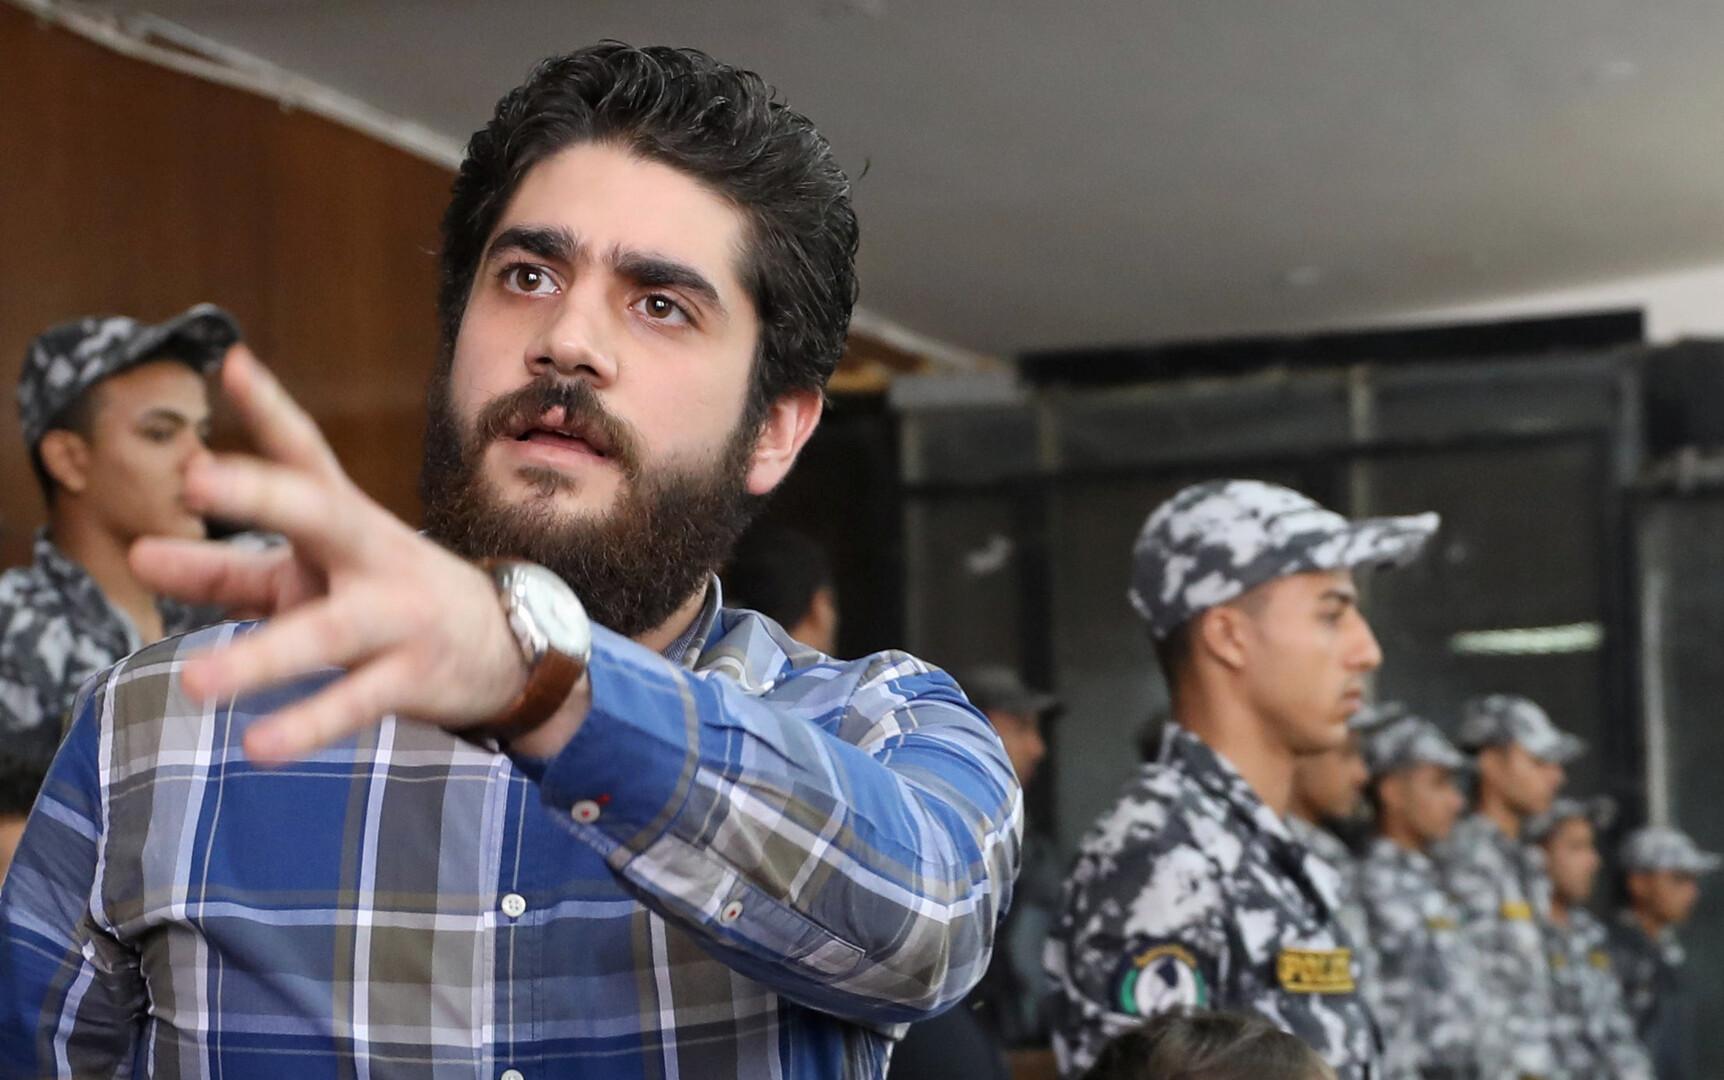 دفن عبد الله مرسي بجوار والده شرقي القاهرة